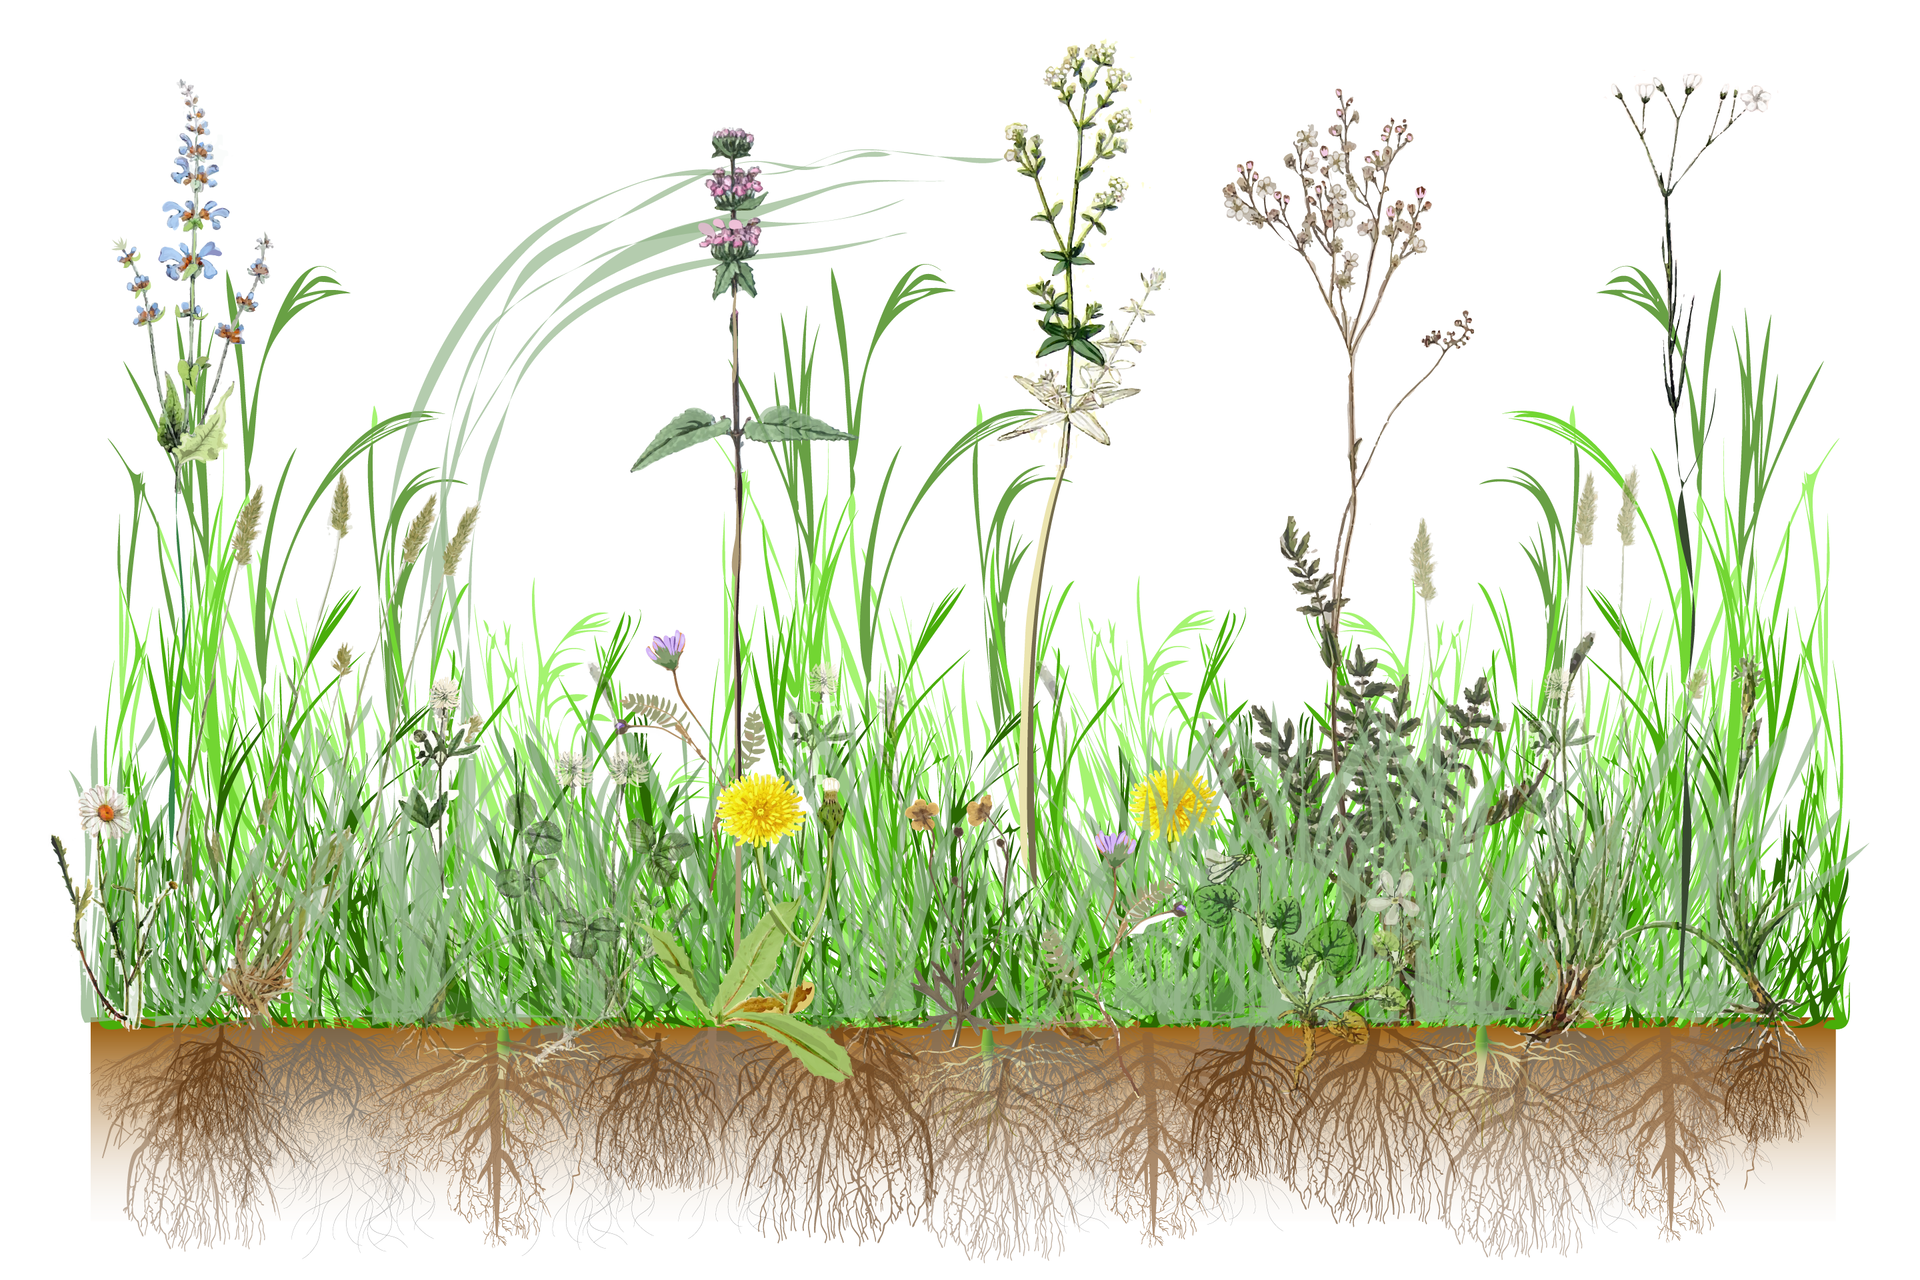 Ilustracja przedstawia gęsto rosnące rośliny oróżnej wysokości ikształcie. Mają kwiaty żółte iróżowe. Między nimi rośnie trawa. Wglebie ukazano ich splątane korzenie. Rośliny tworzą zbitą darń.